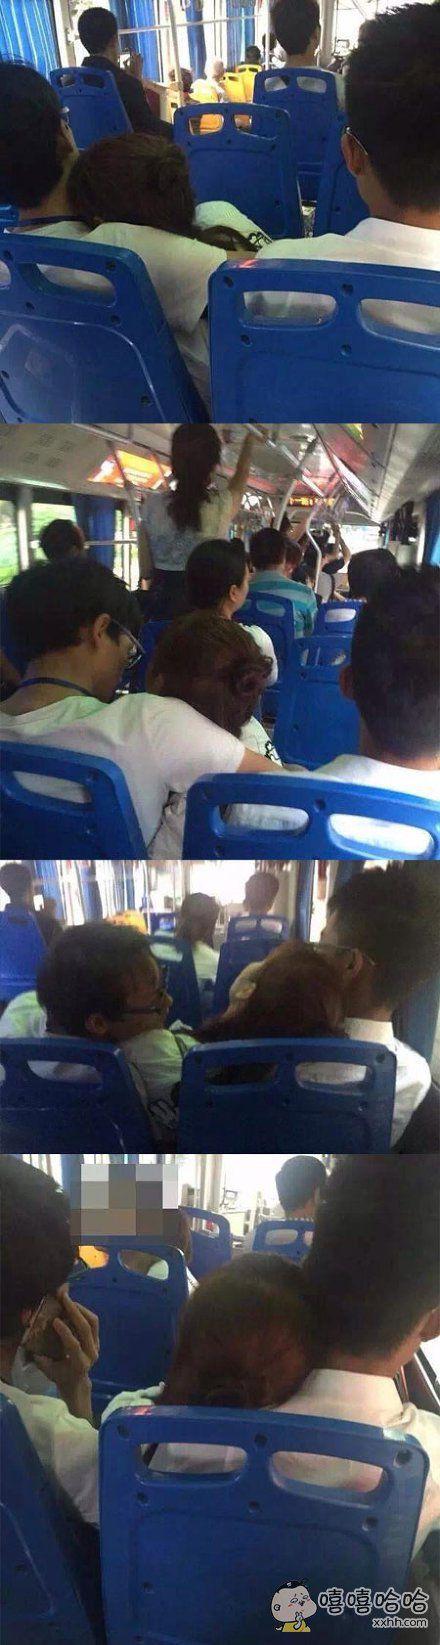 公交车上看到的,excuse me ???